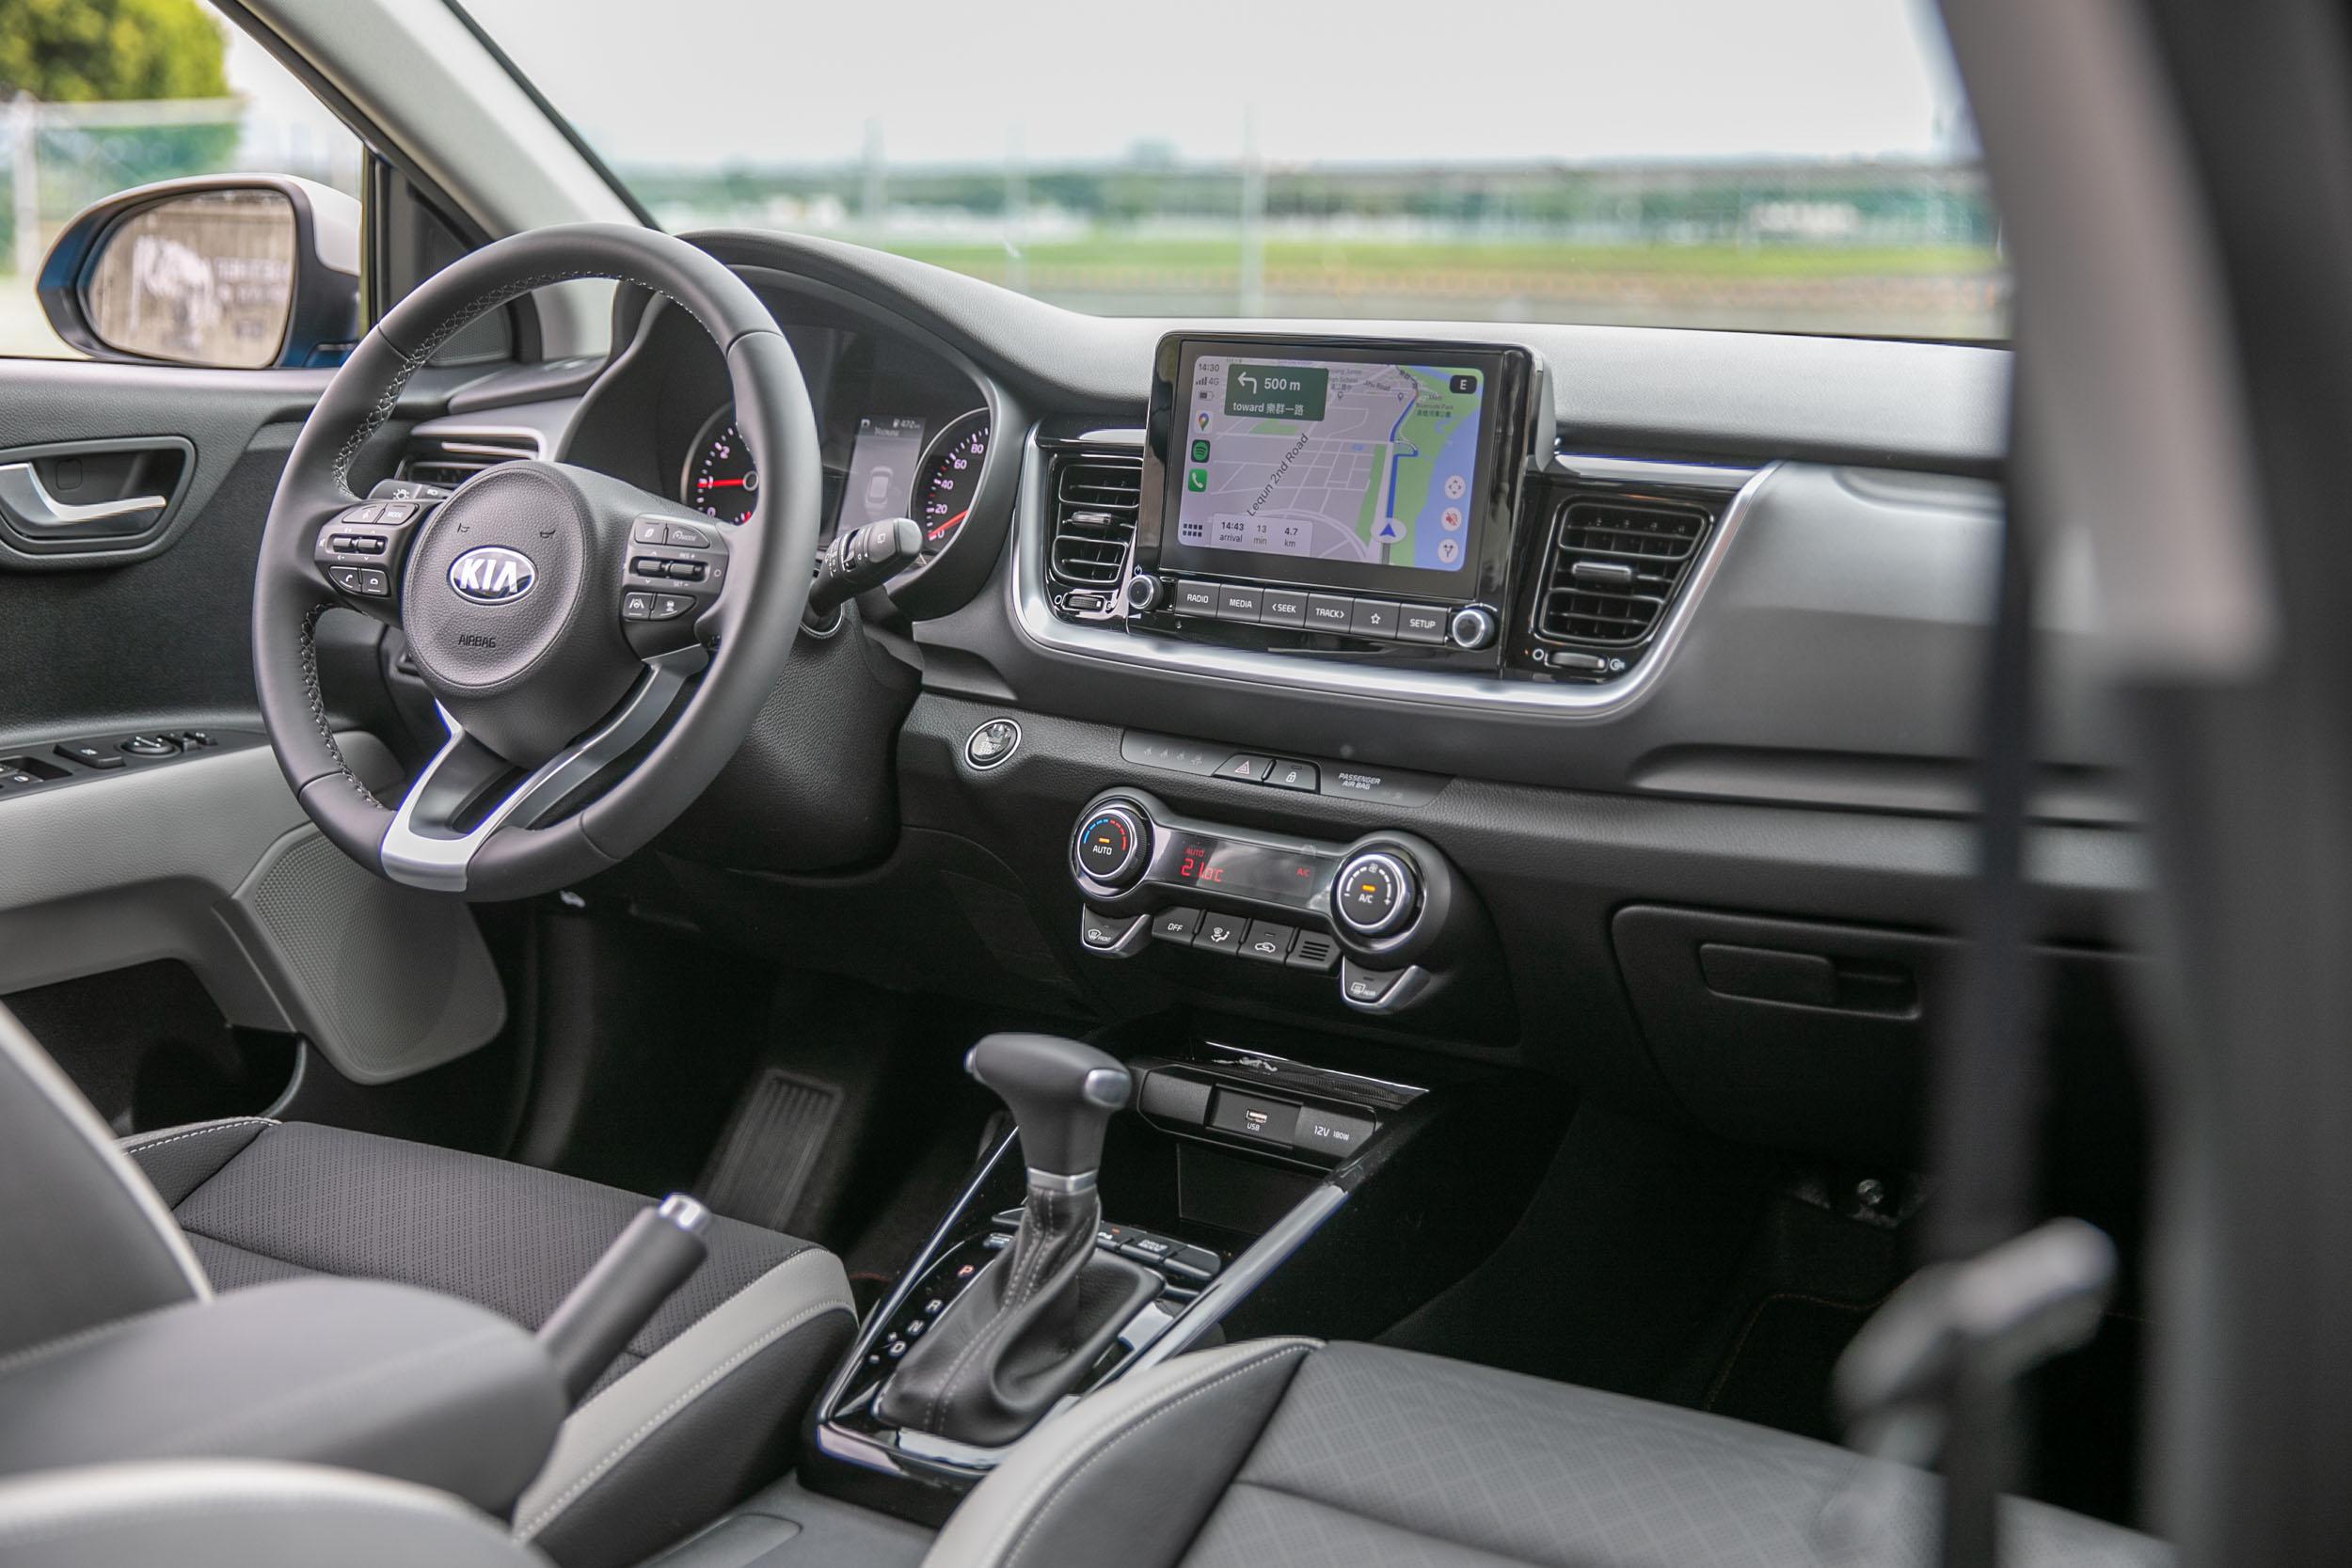 簡潔的座艙設計,質感與設計感都具一定水準。